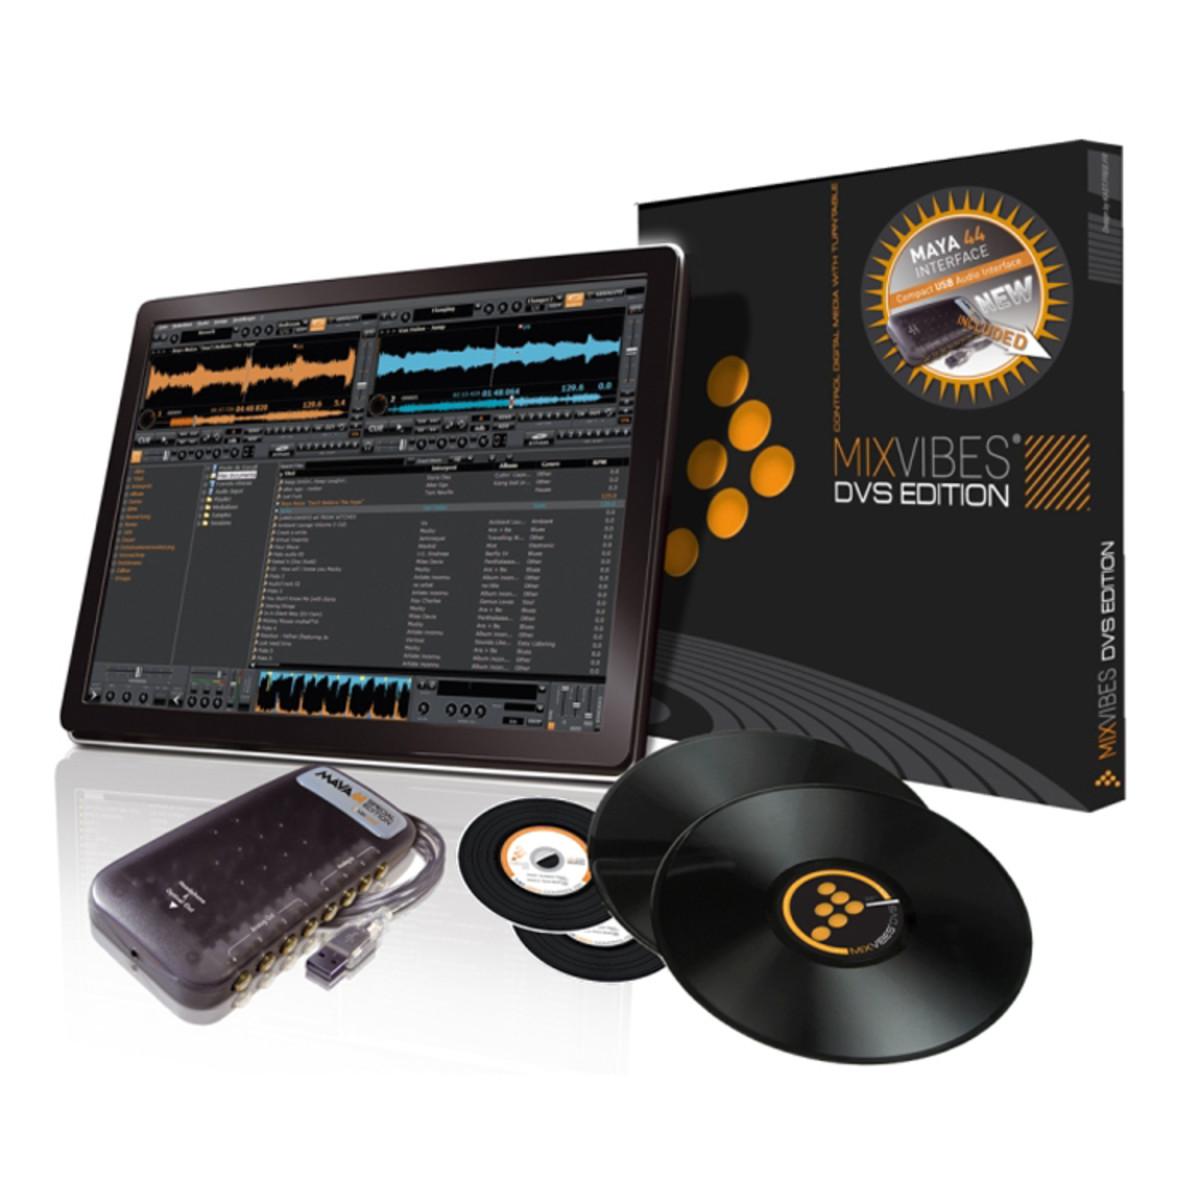 disc mixvibes dvs 7 digital vinyl dj system at. Black Bedroom Furniture Sets. Home Design Ideas